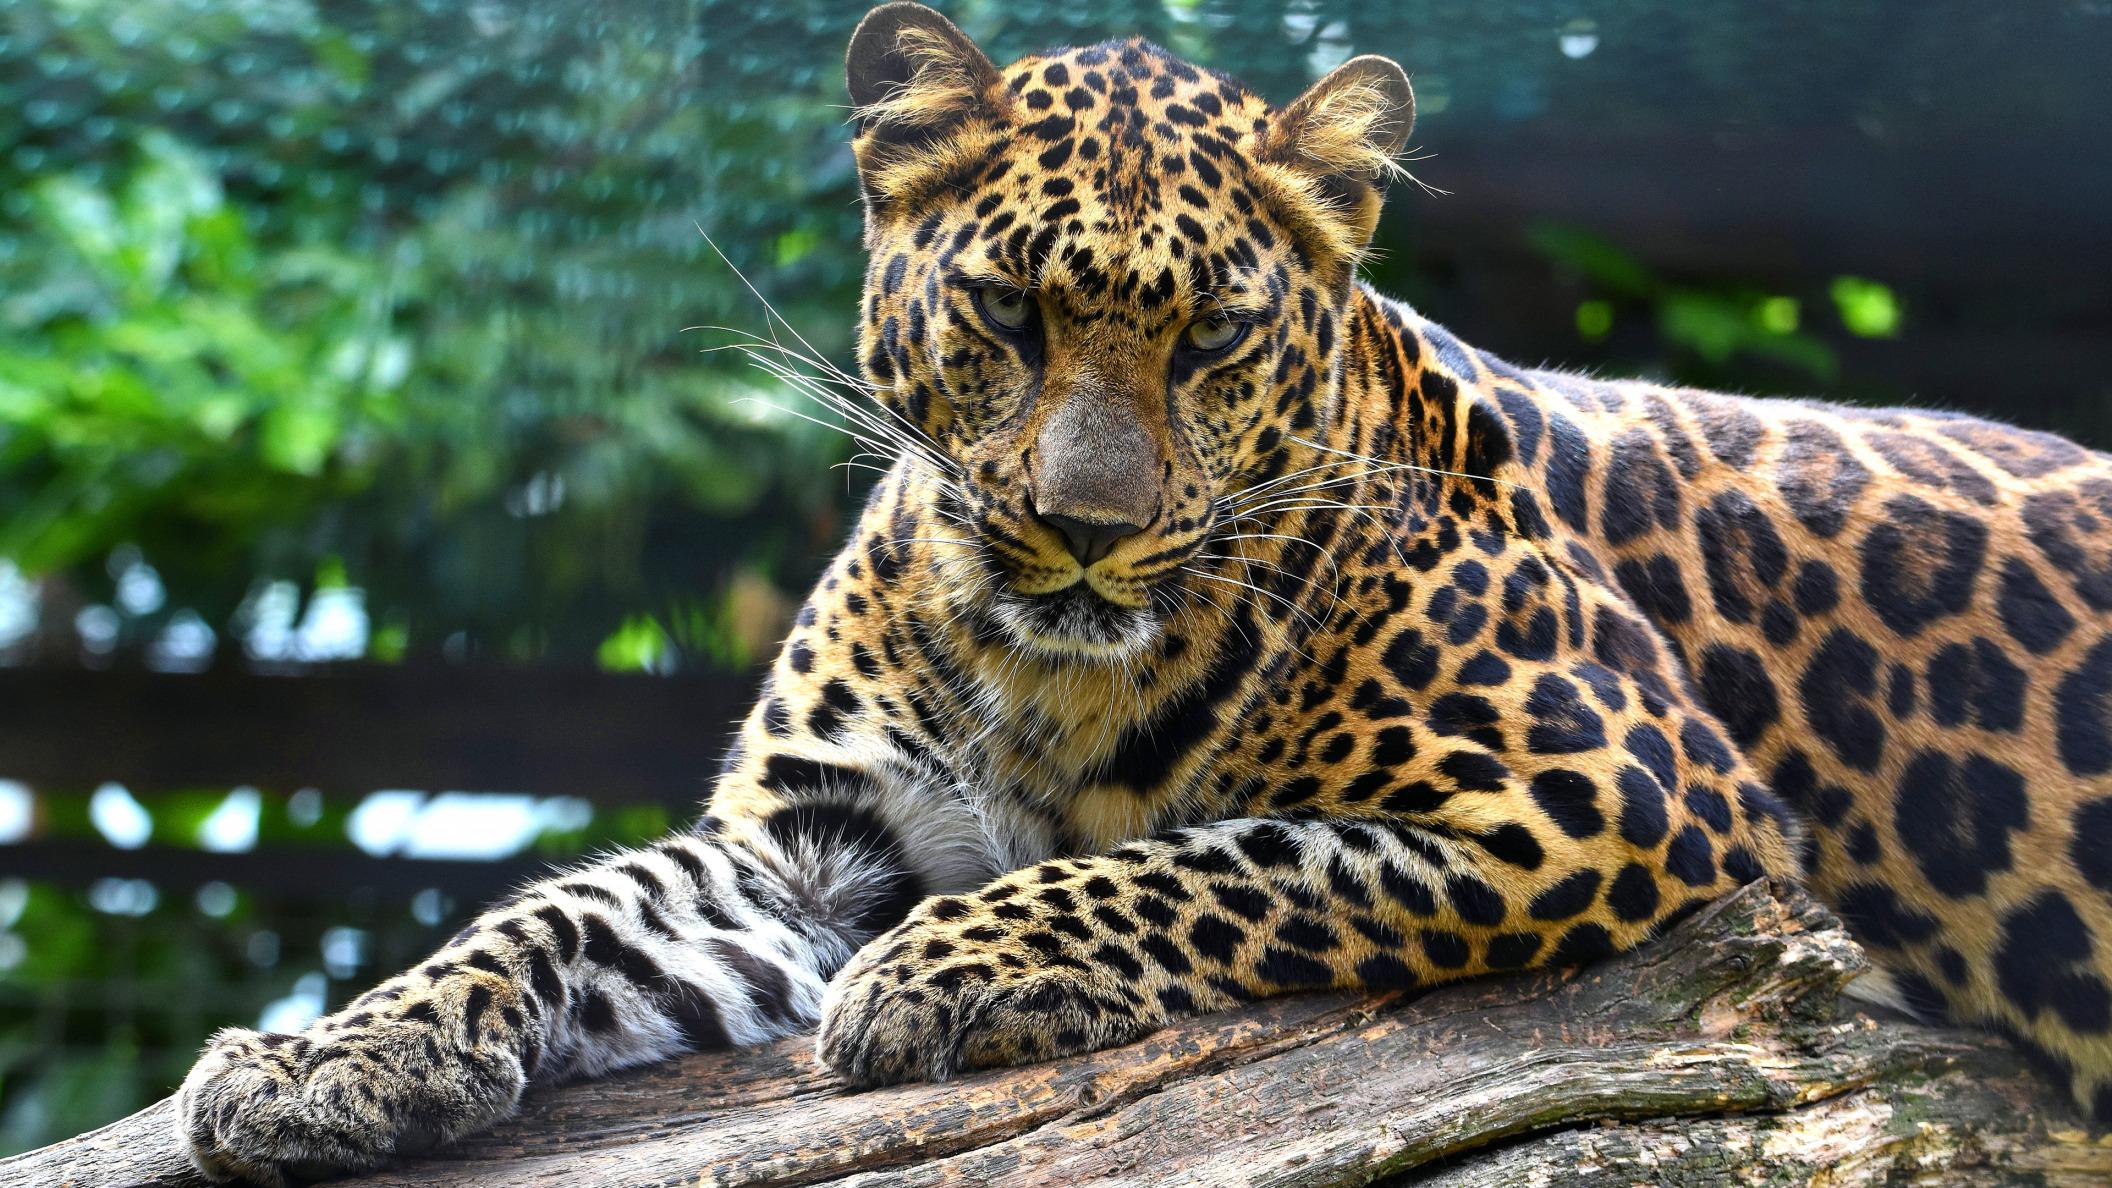 Обои поза, боке, черно-белый, природа, кот, лежит, лето, Кошка, фон, морда, отдых, чёрный, Котя, Kote, желтые глаза, зелены, трава. Кошки foto 12